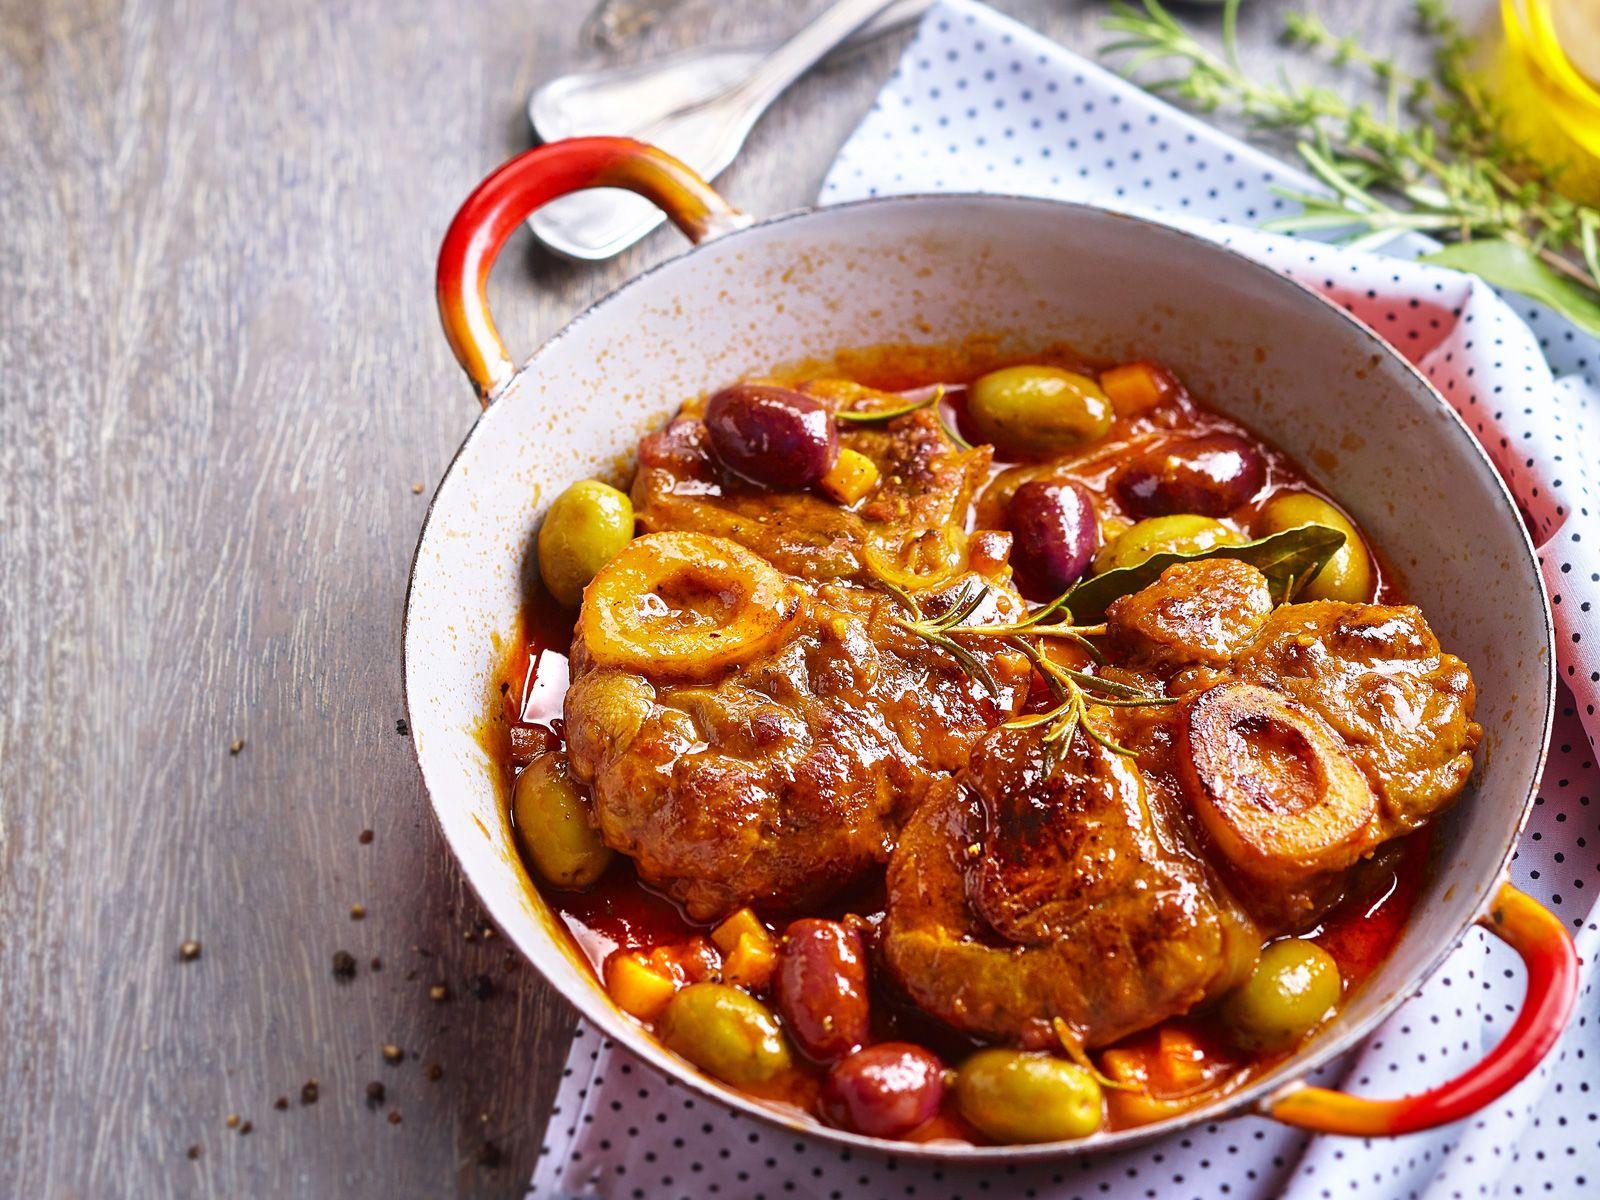 Osso bucco aux olives en vid o mijot classique et hiver - Osso bucco veau recette ...